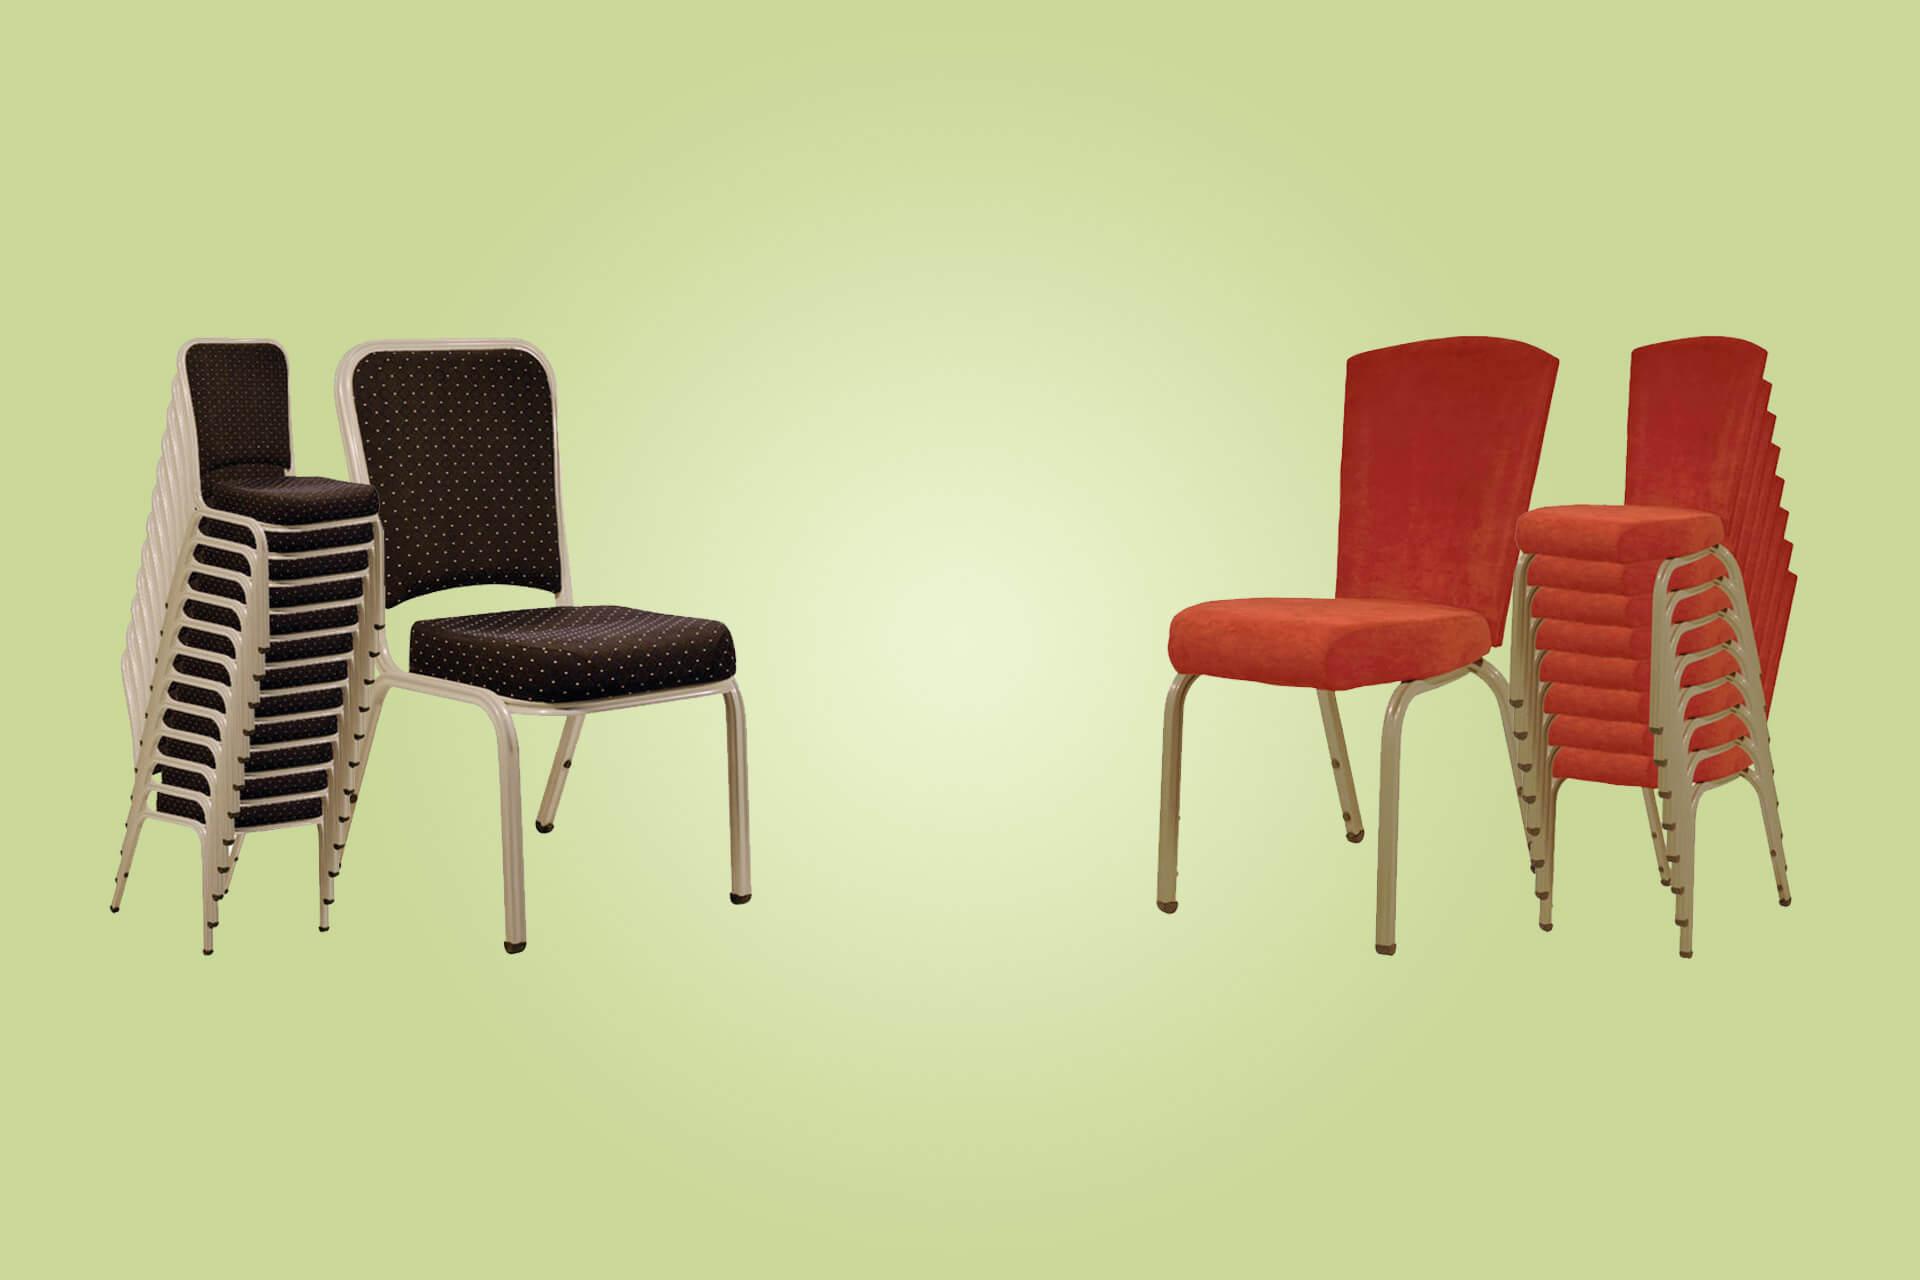 Chairium Turkish Chair Table